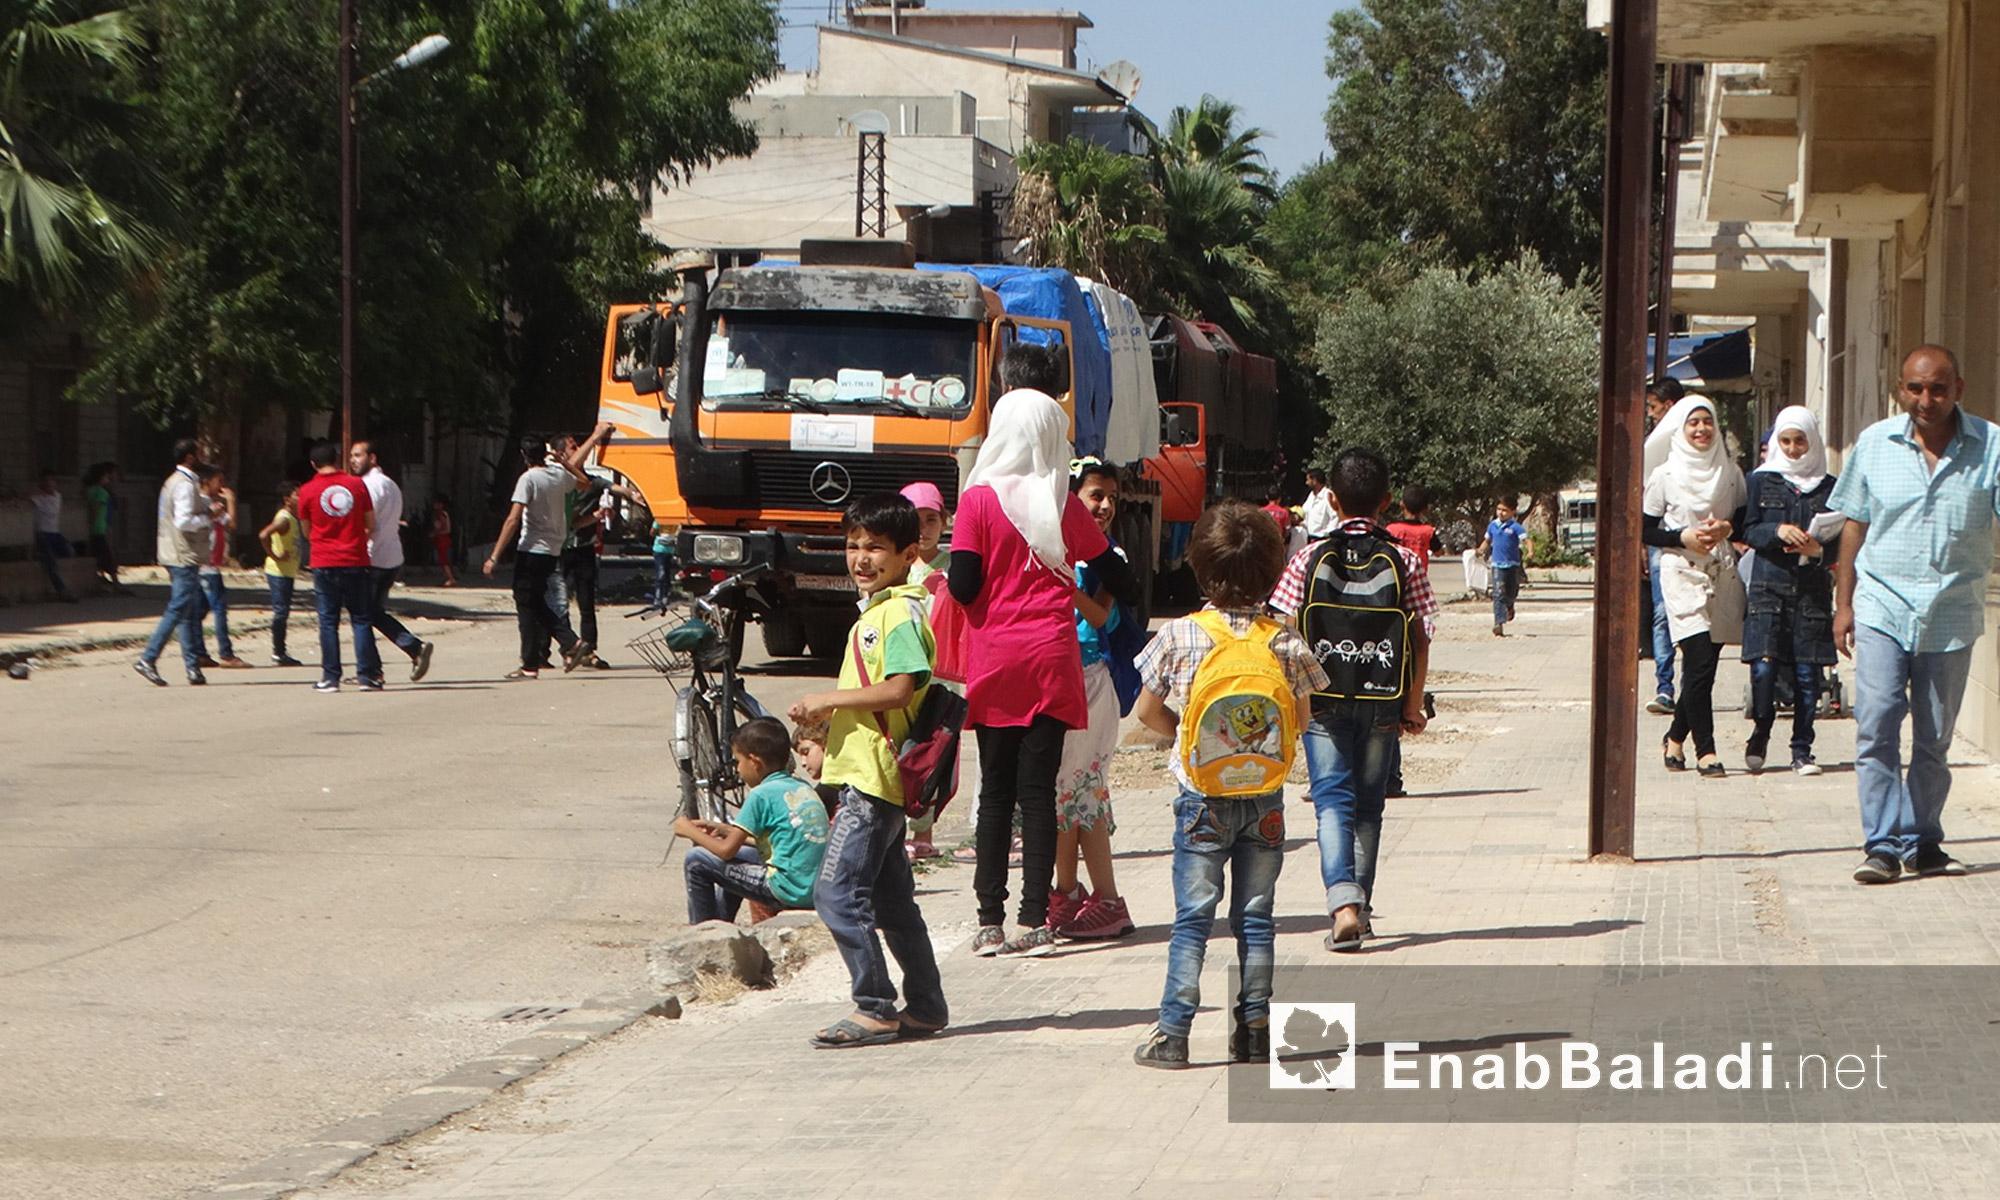 أطفال وأهالي الوعر أثناء دخول قافلة  المساعدات - الخميس 14 تموز (عنب بلدي)